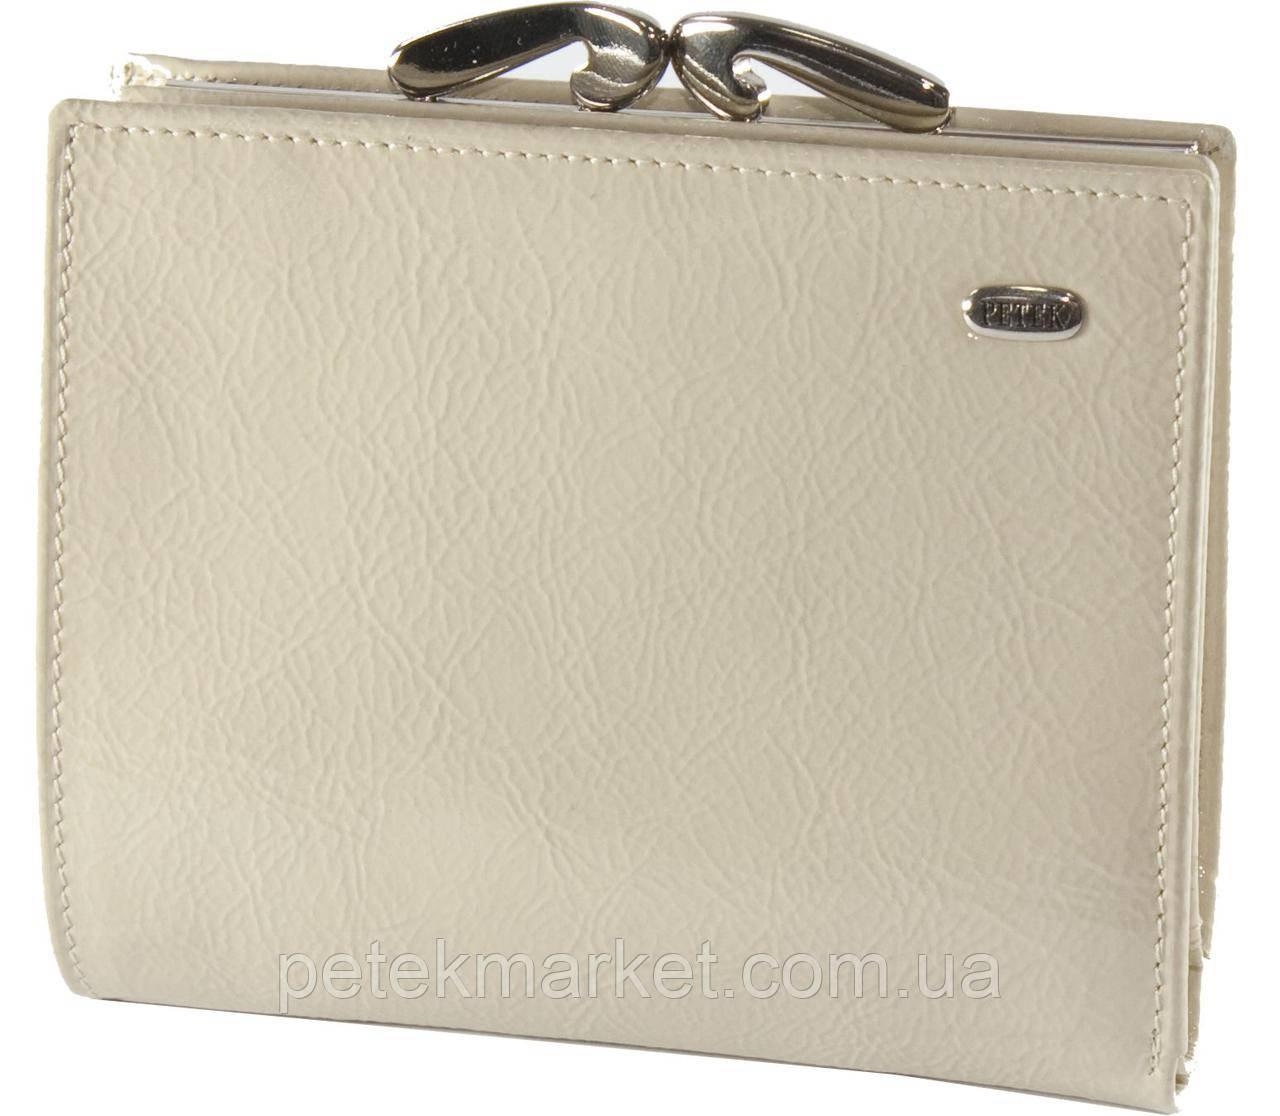 Кожаный женский кошелек Petek 2336